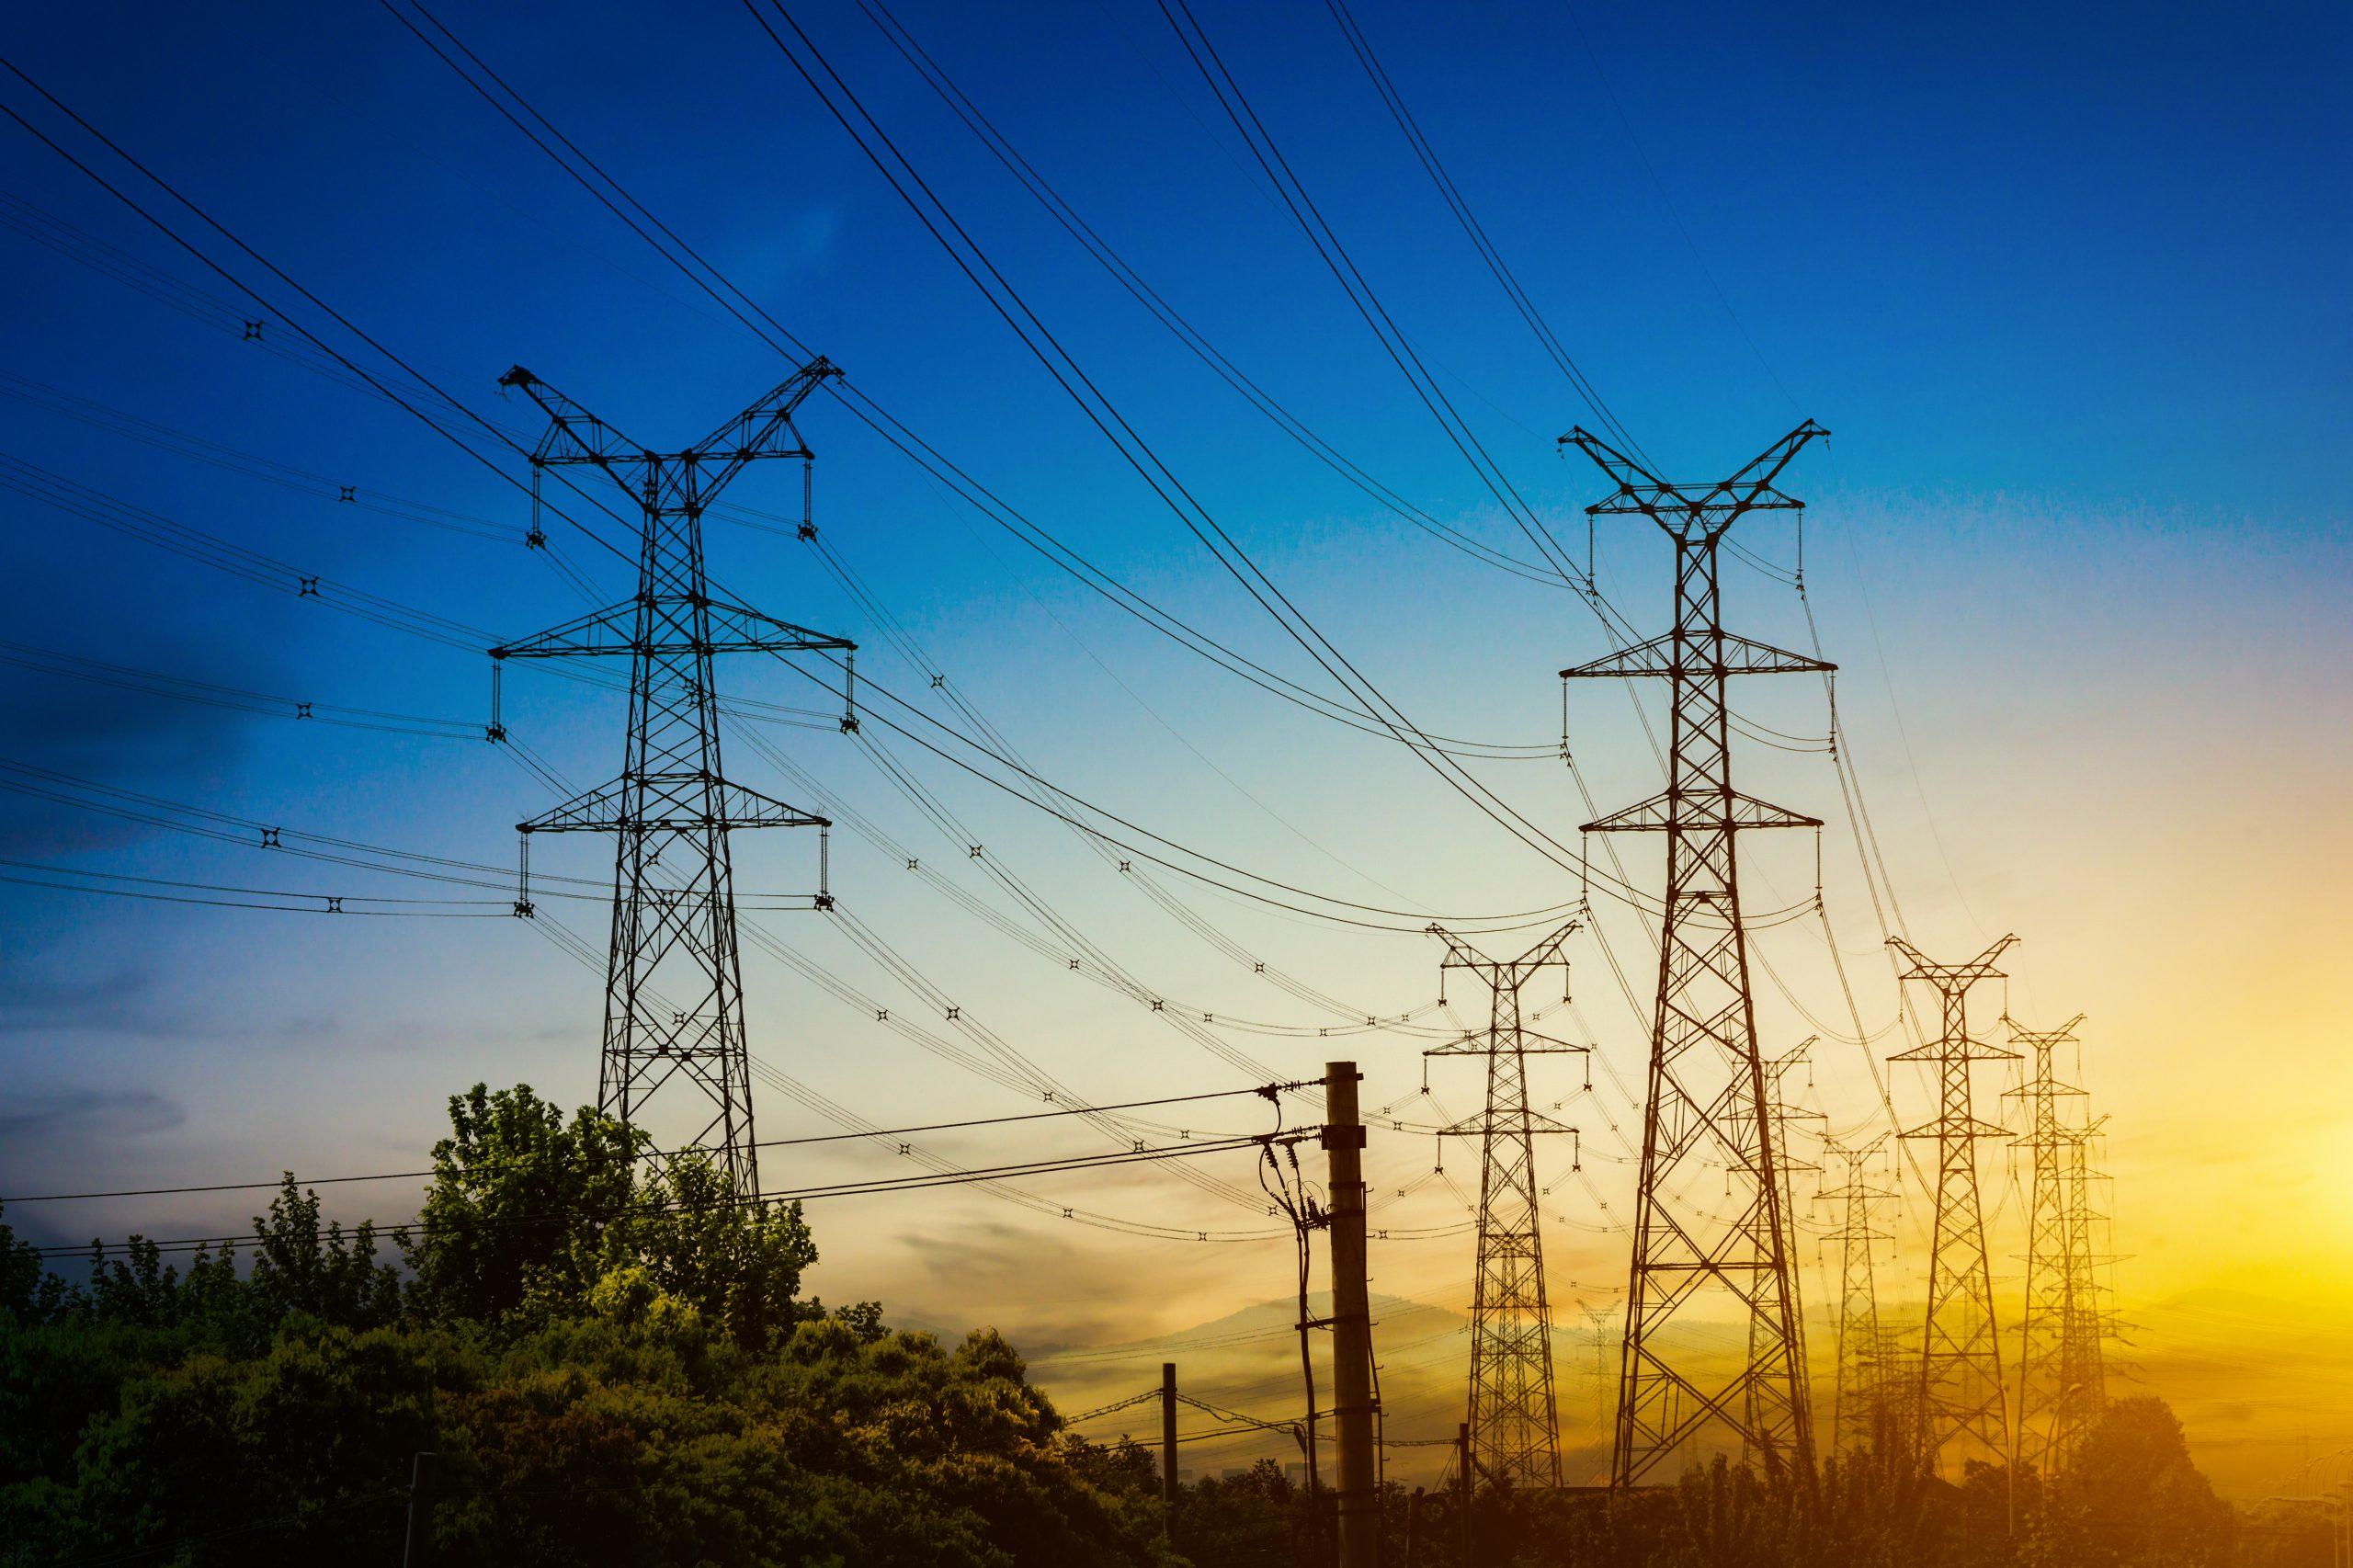 Telecoms pylons at sunset